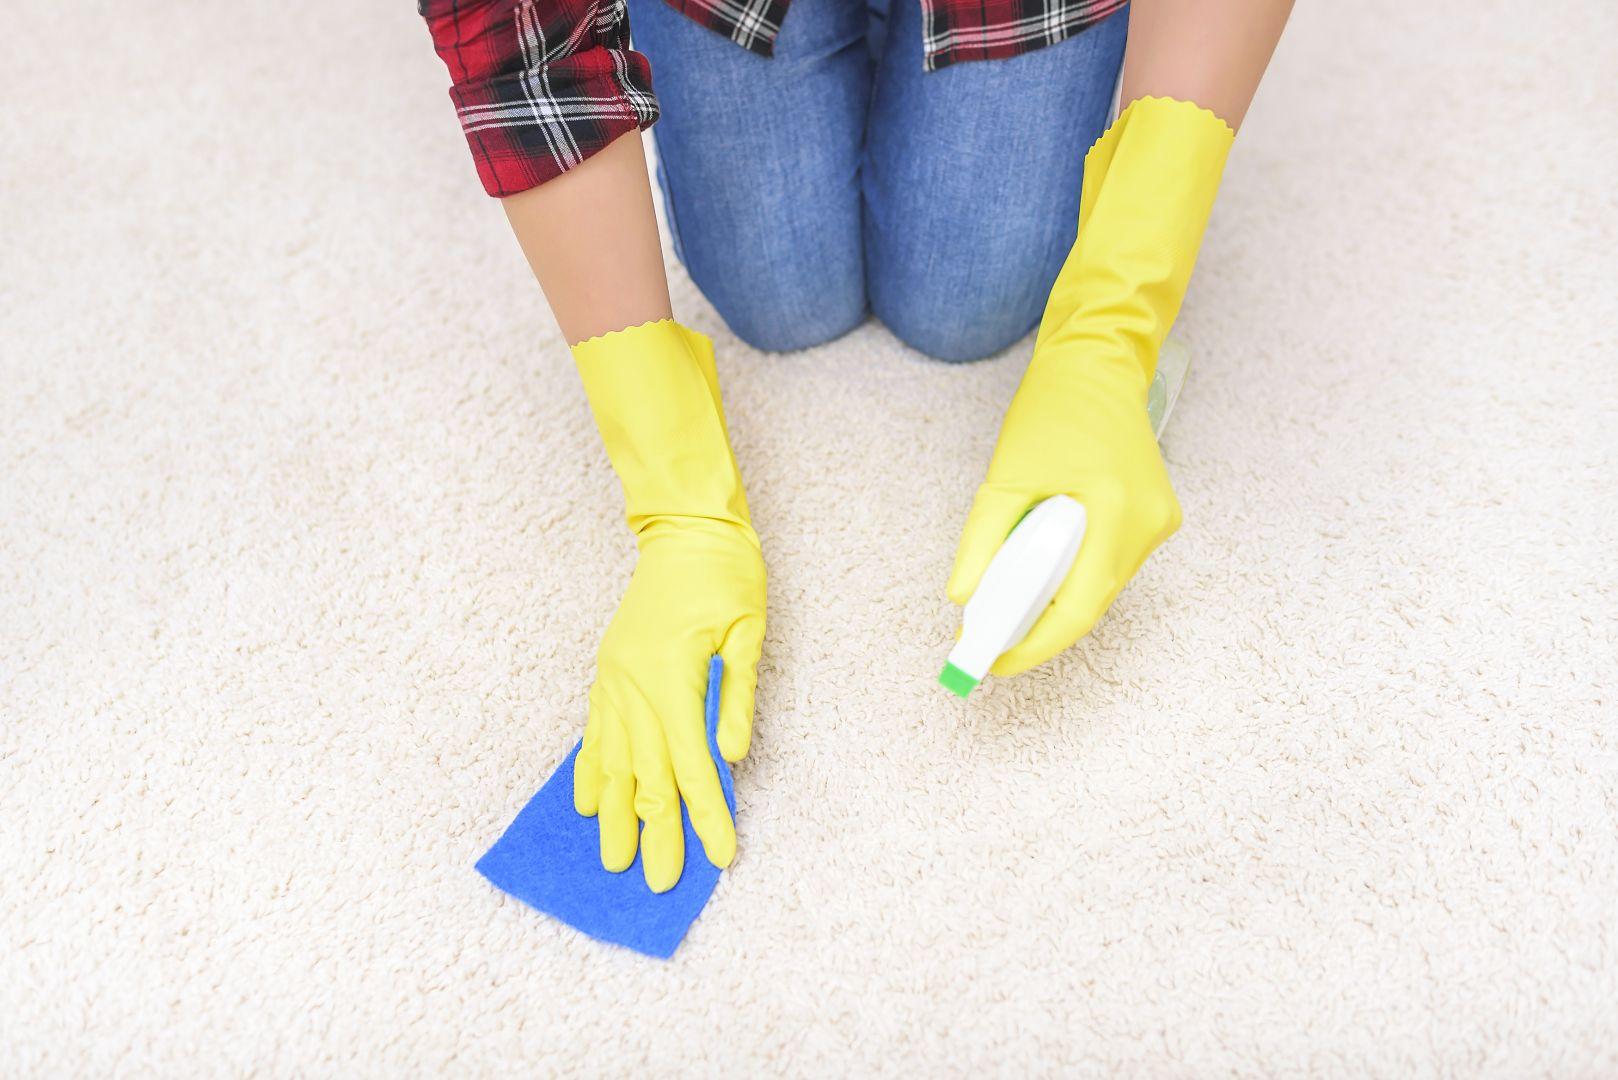 Nie zapomnij wyczyścić dywanu z brokatu. Pozbyć się go pomoże kawałek taśmy klejącej lub... plastelina. Możesz też użyć wałka do ubrań. Fot. 123rf